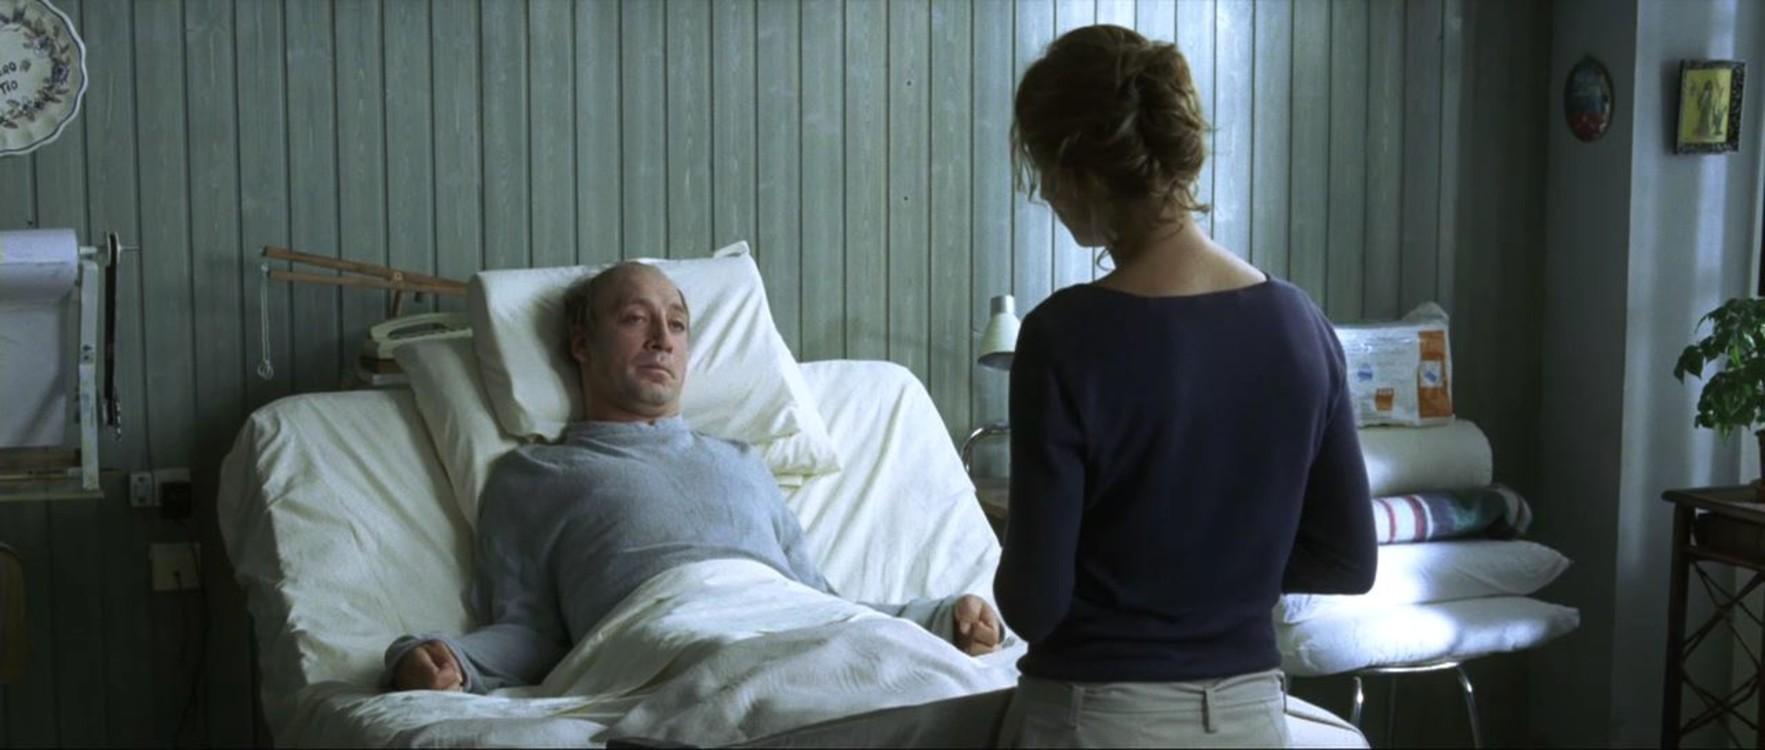 Хавьер Бардем в фильме «Море внутри», 2004